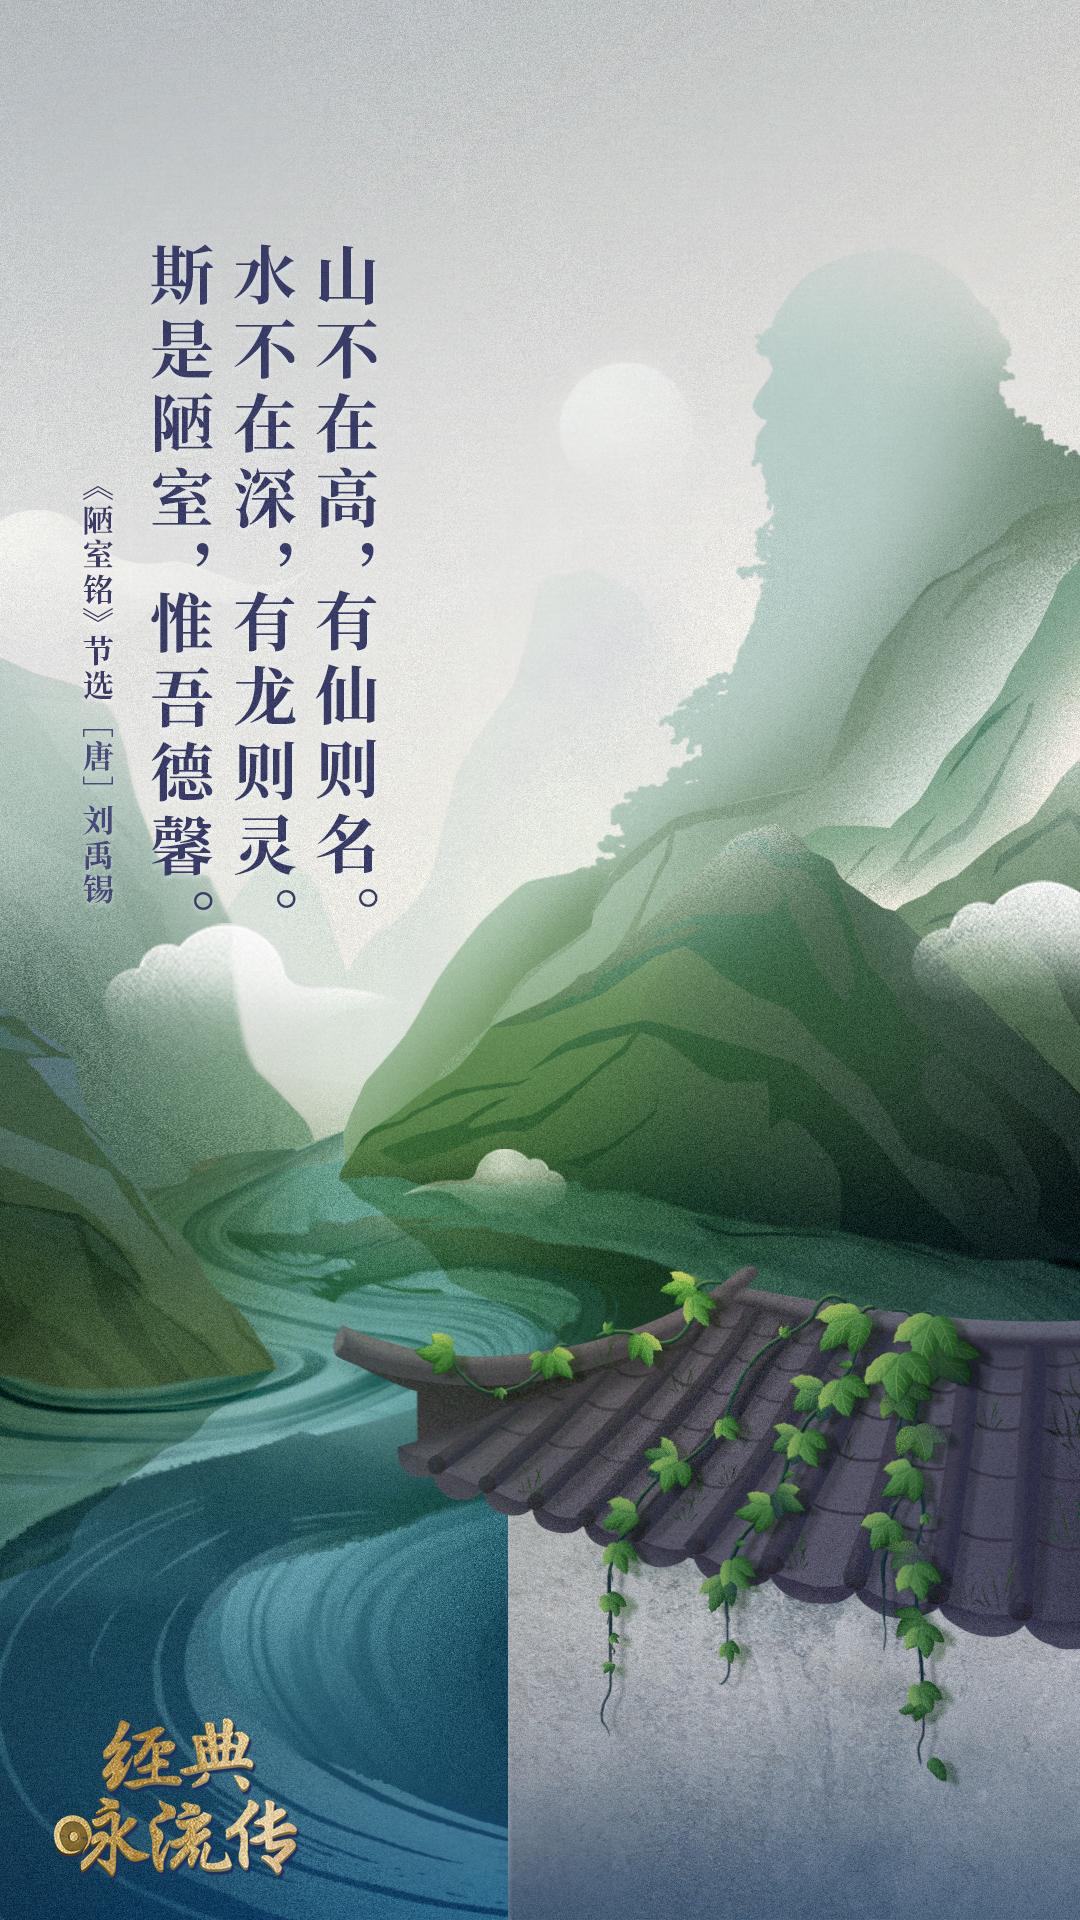 《经典咏流传》诗词意境海报合集 欣赏-第32张